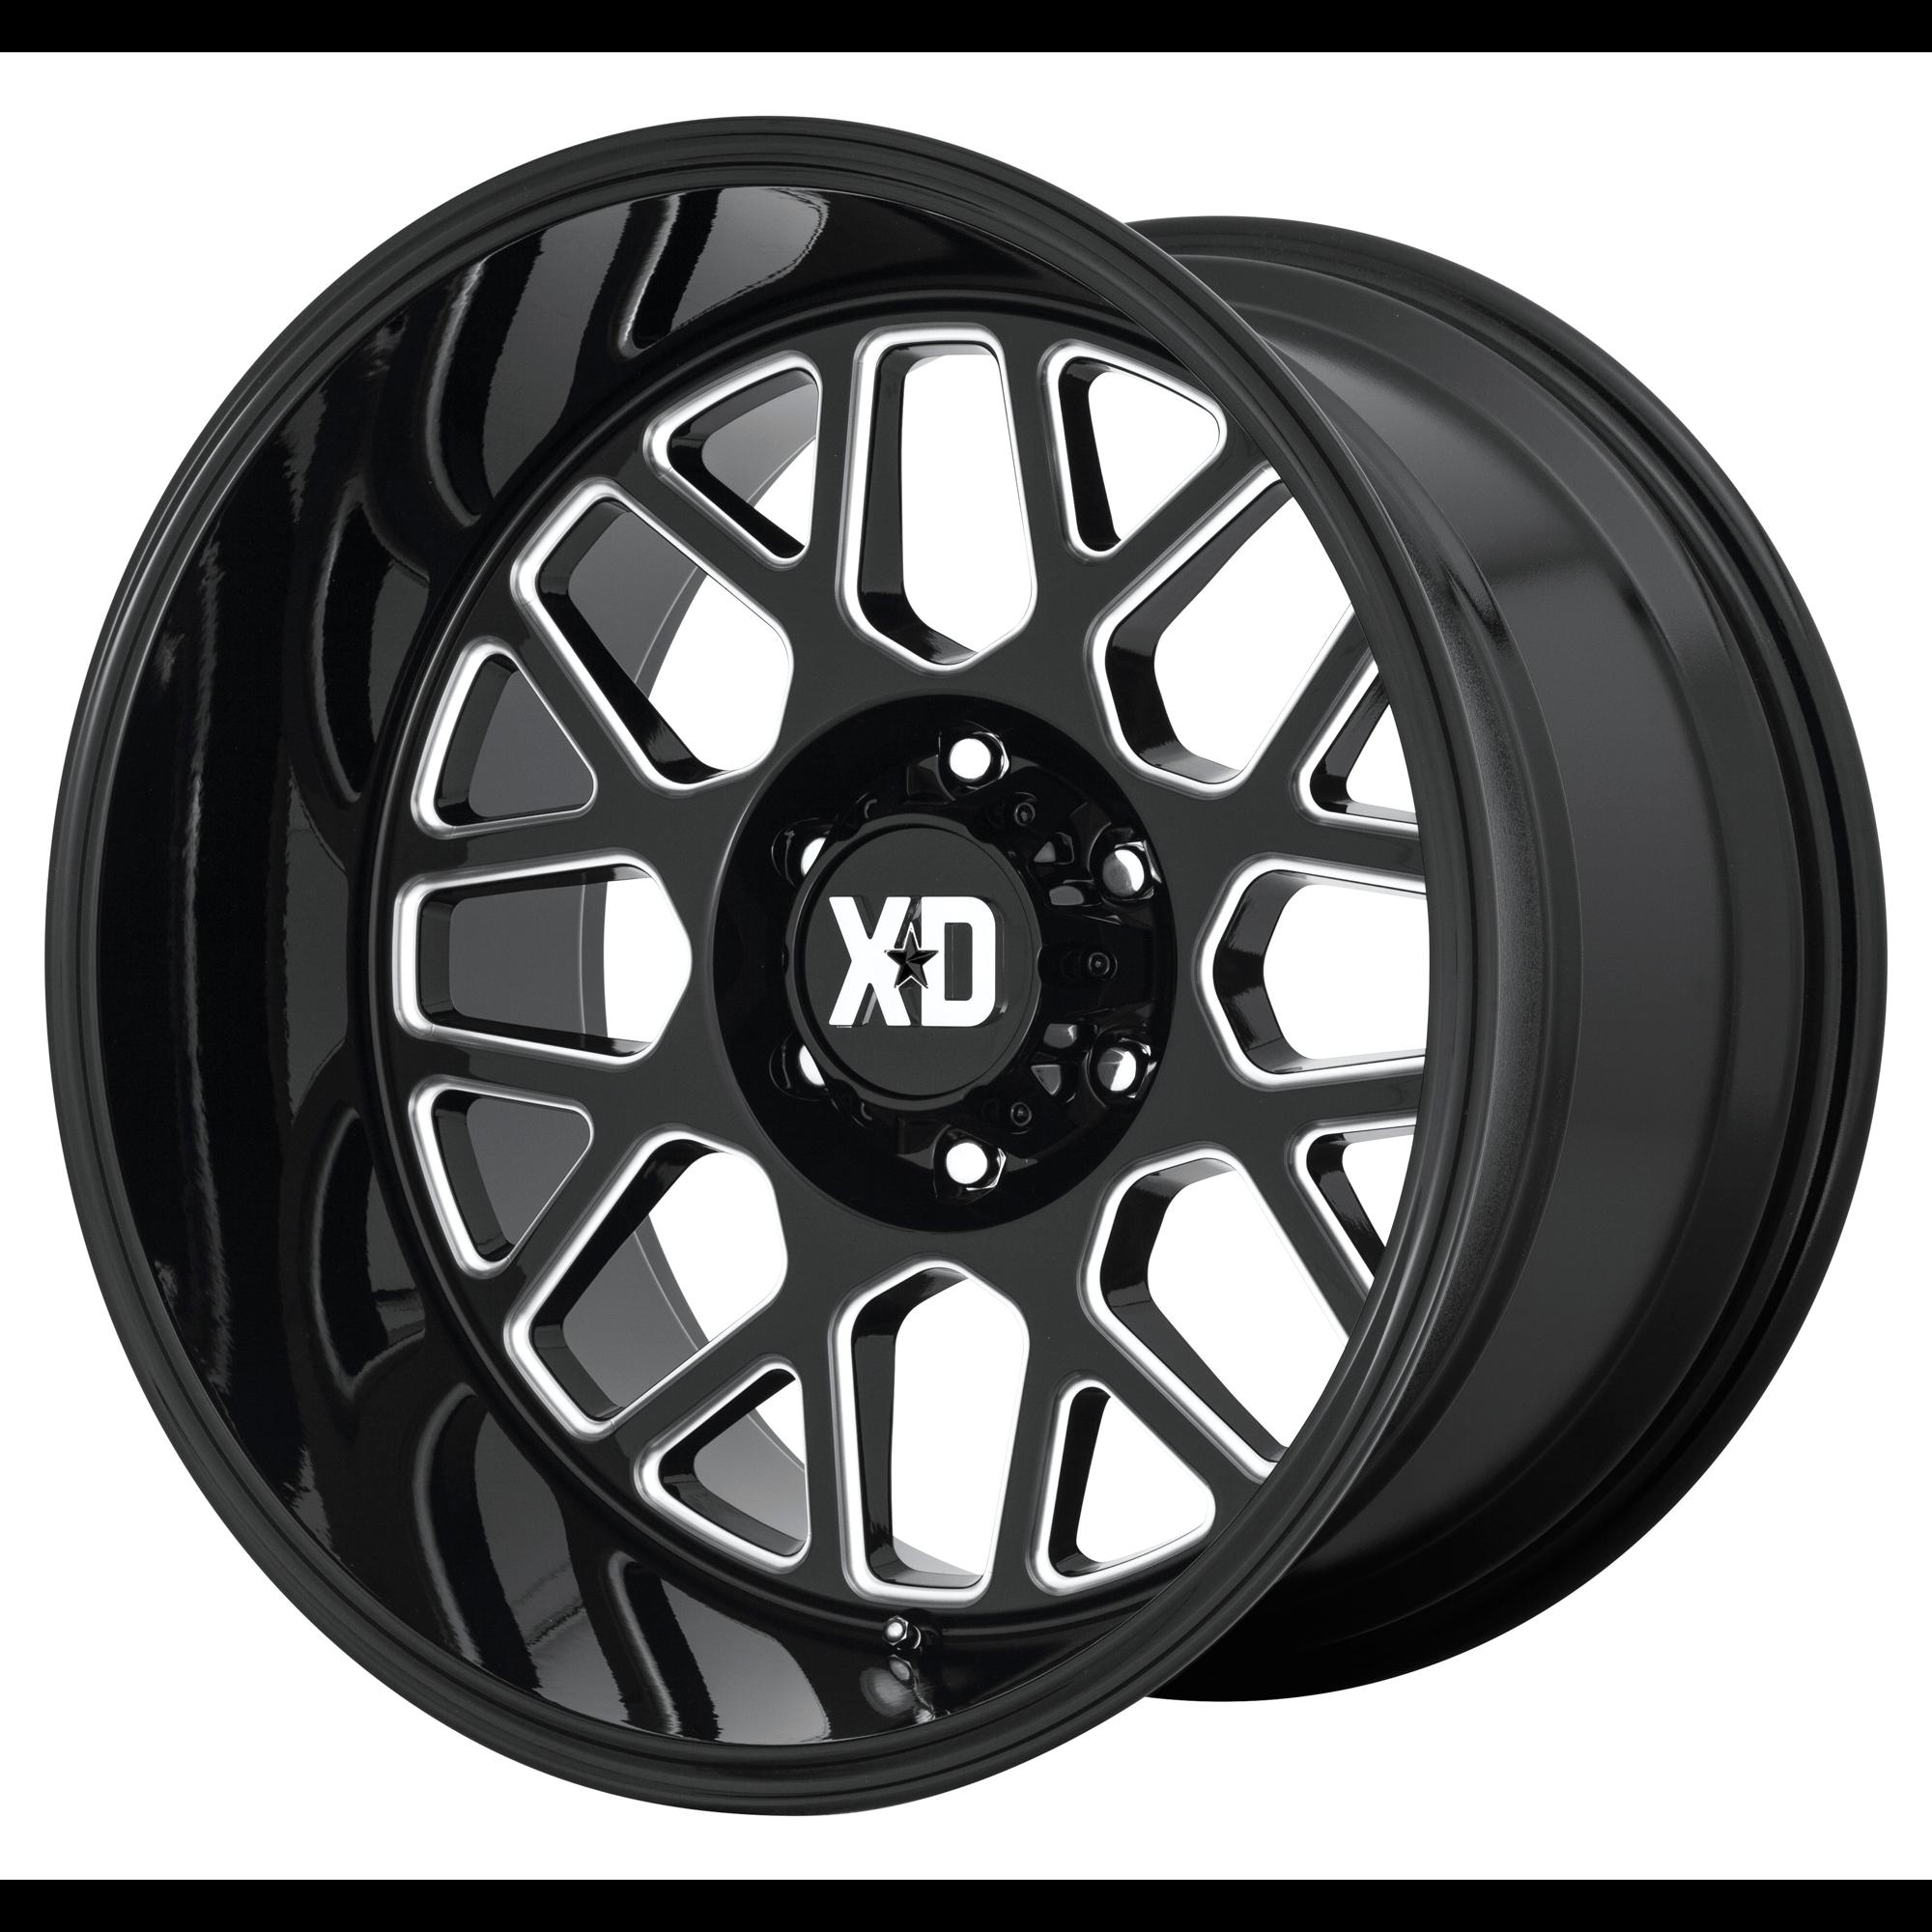 XD SERIES XD849 GRENADE 2 hliníkové disky 9x20 6x135 ET18 Gloss Black Milled